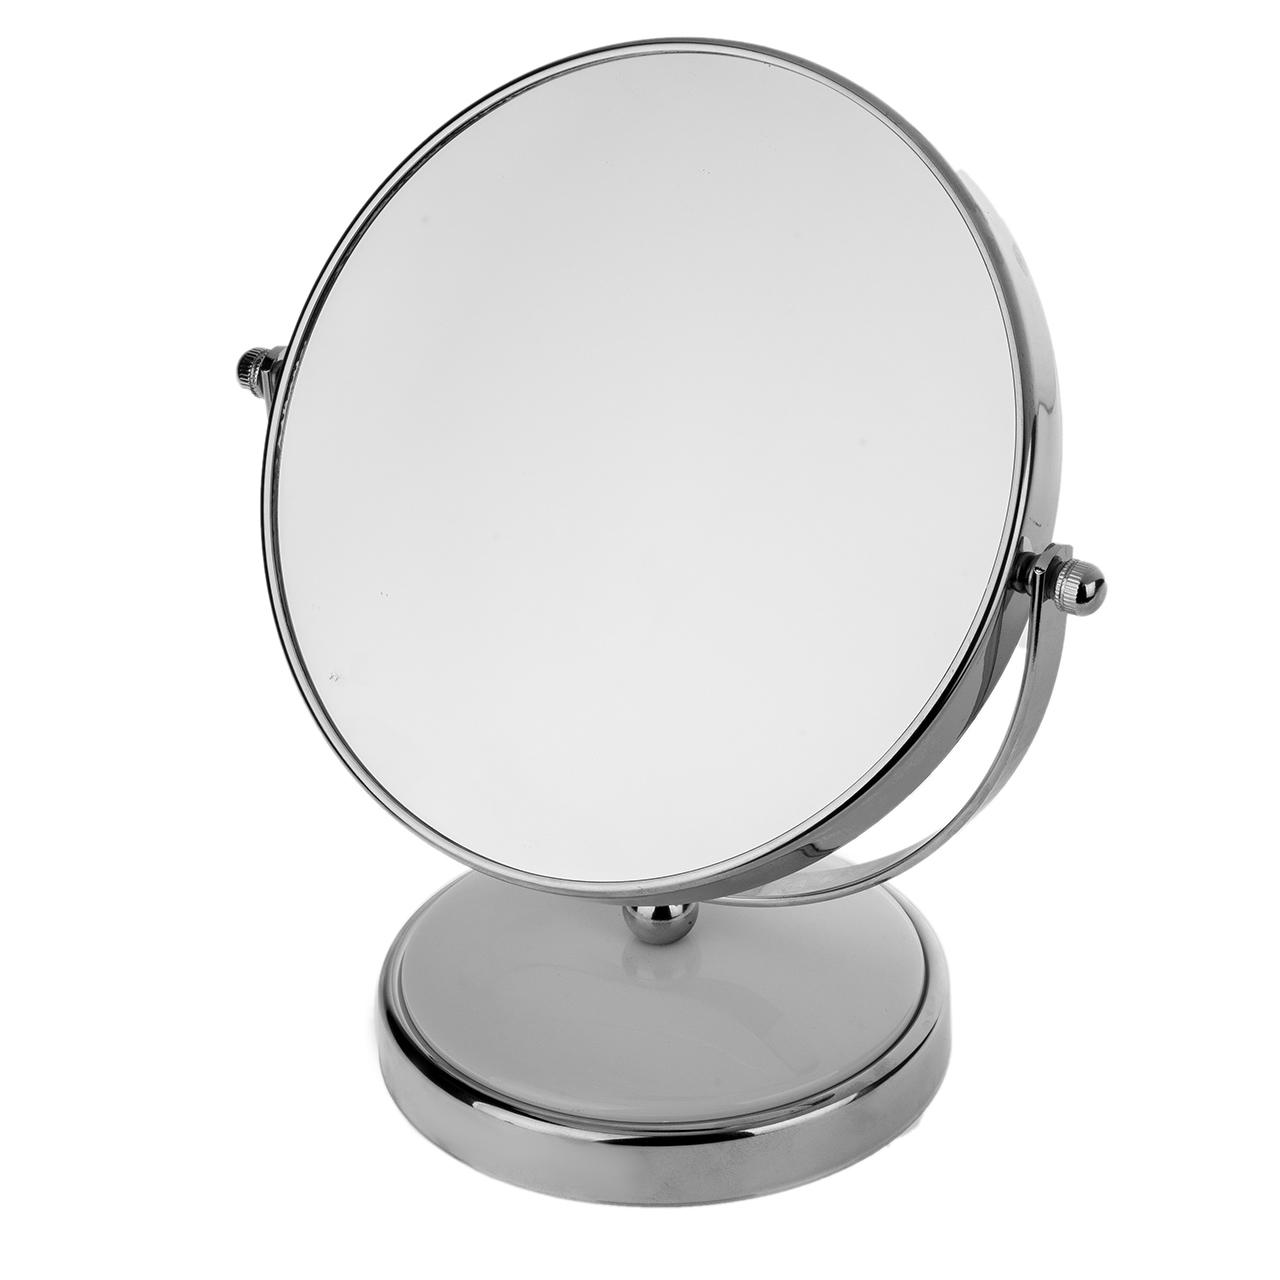 قیمت آینه آرایشی کد 524 با بزرگنمایی 5x